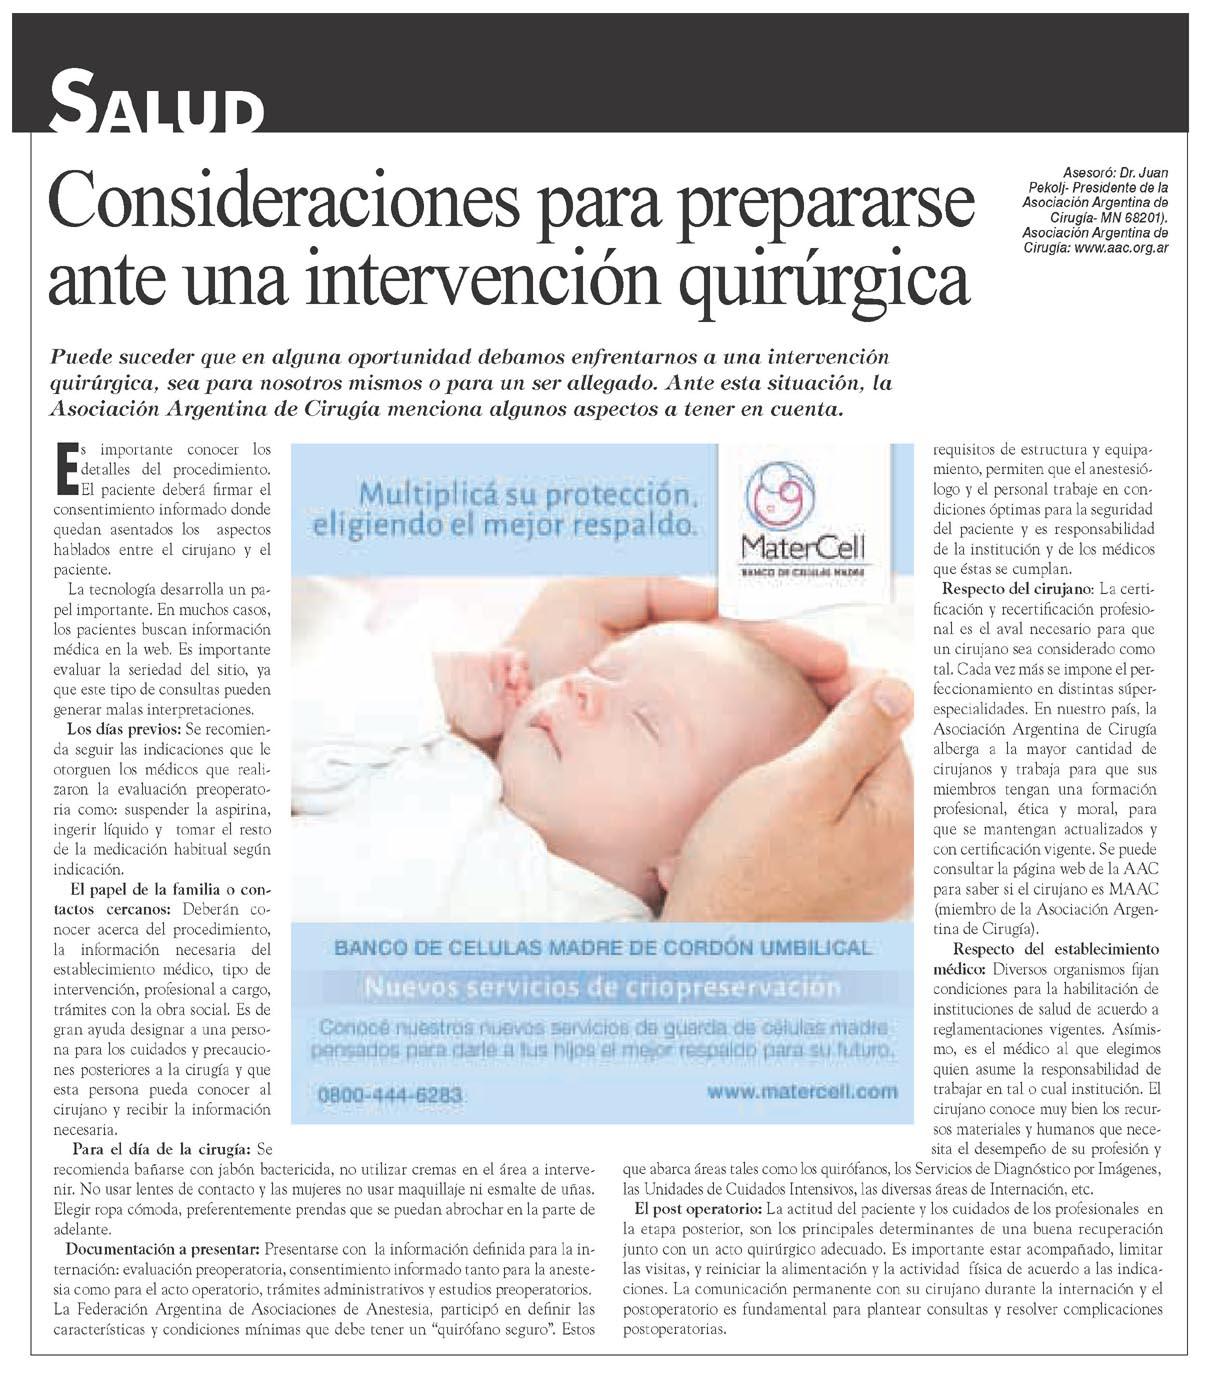 Revista Caras Asociación Argentina de Cirugía